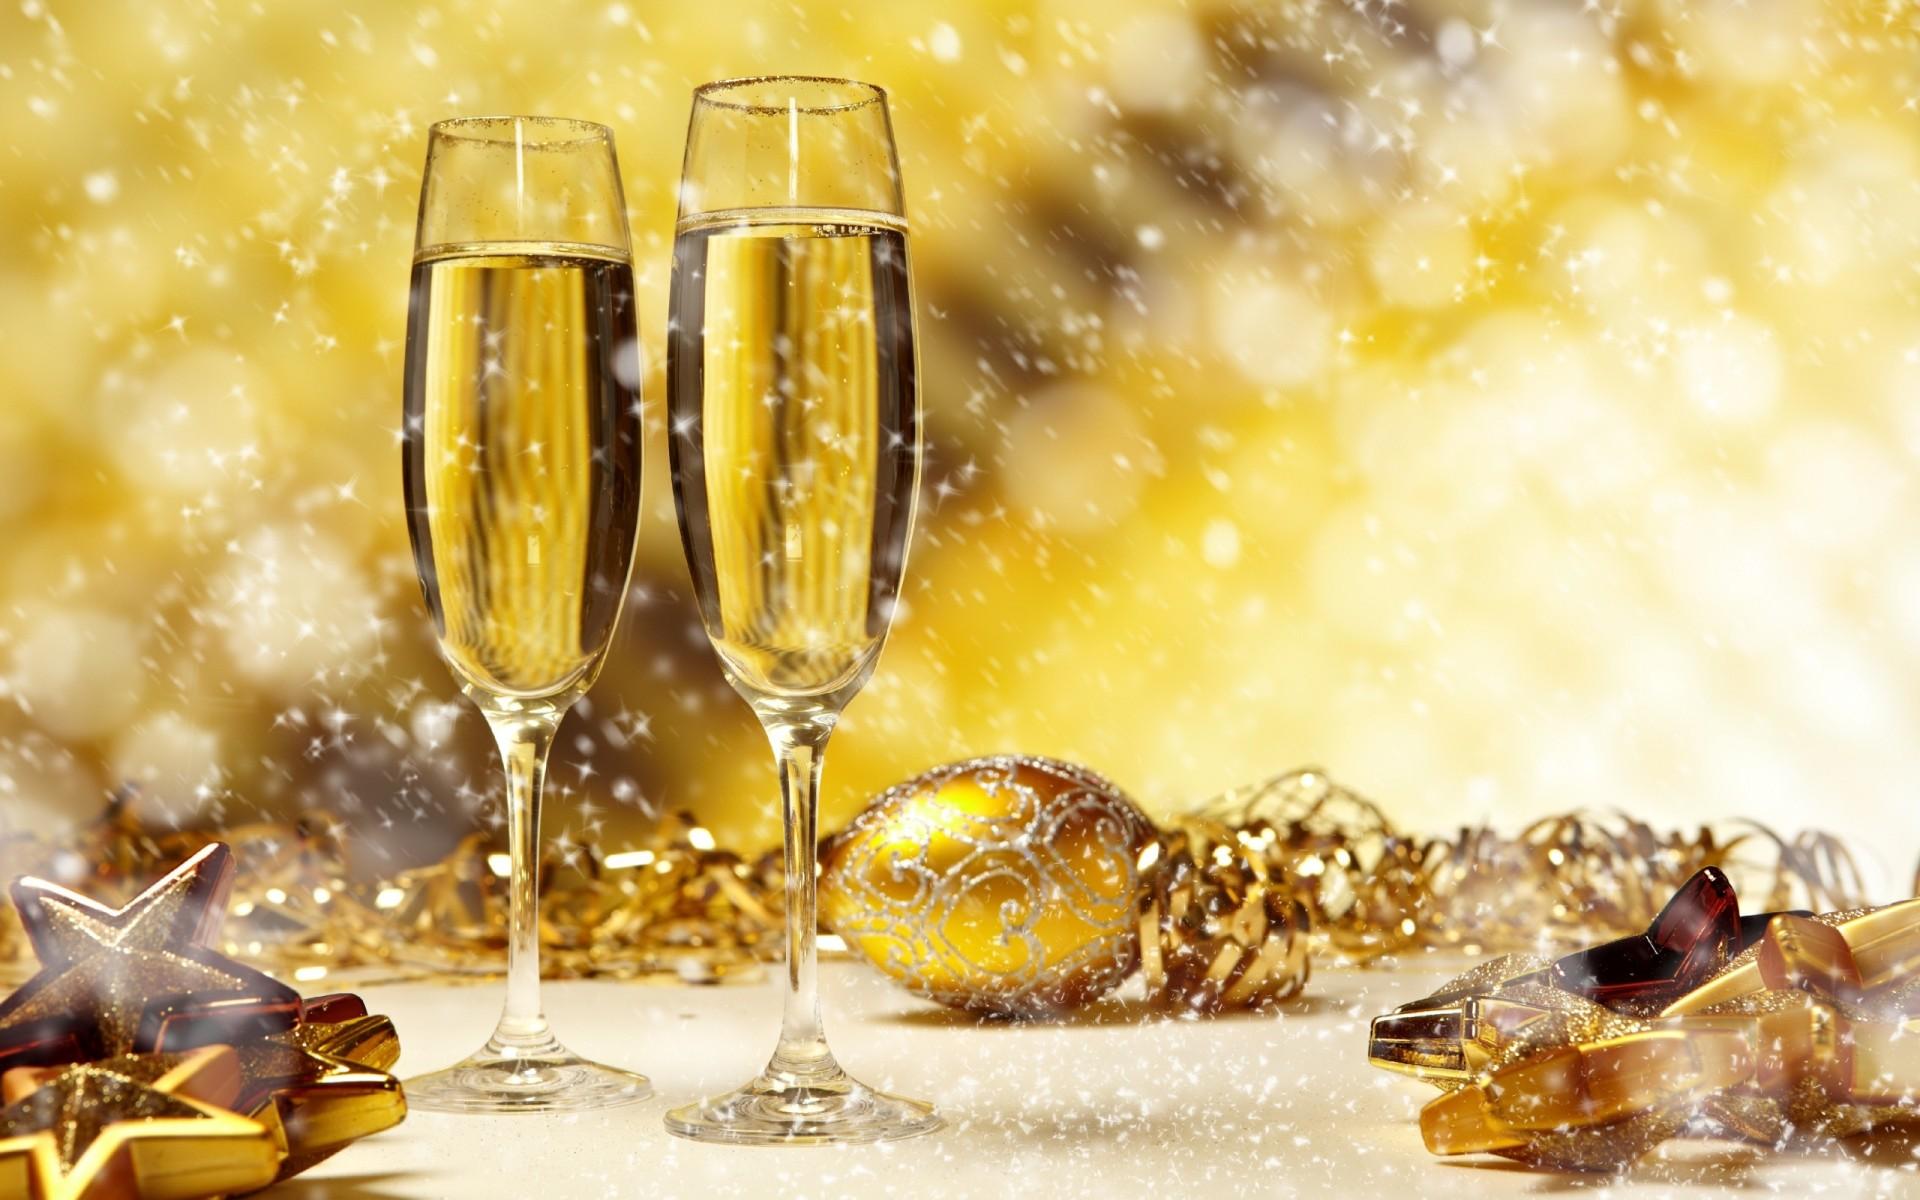 Открытки с новым годом бокал шампанского, день рождения подростка